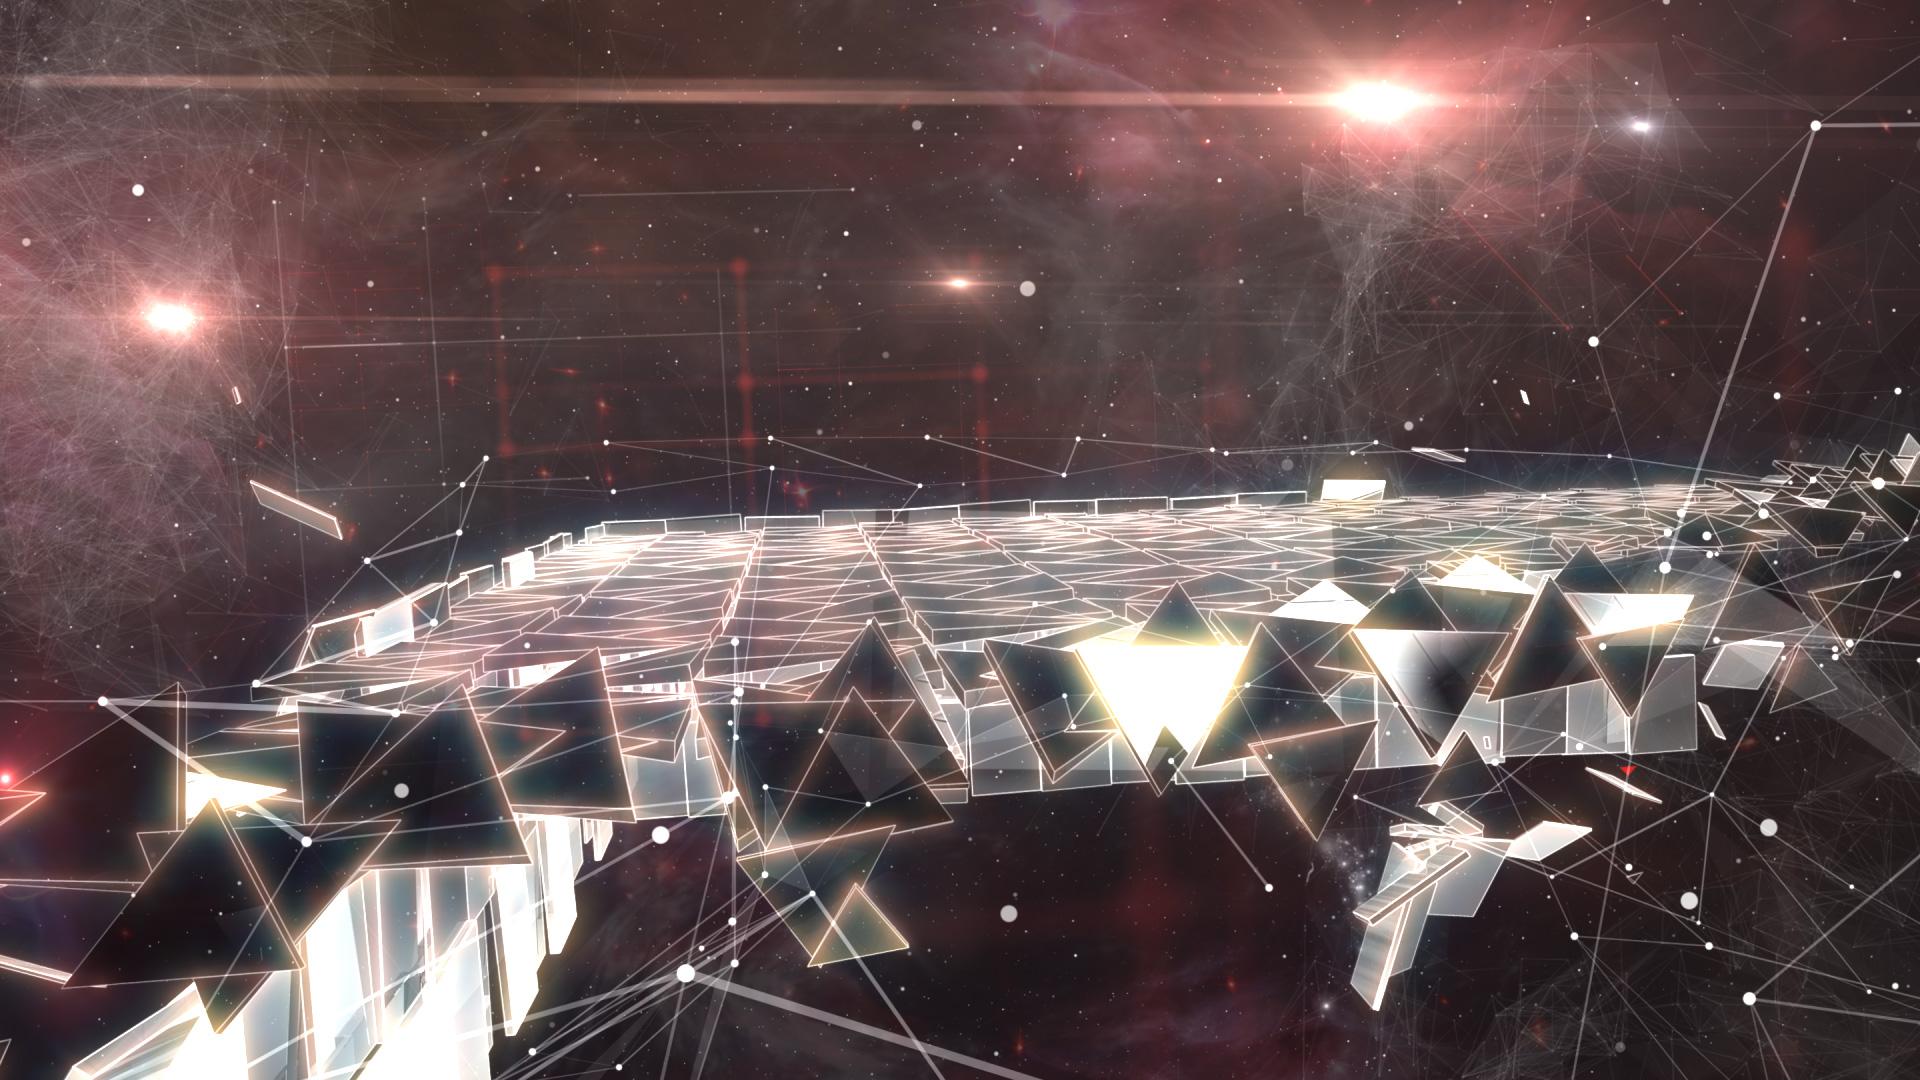 Astro-snaps-02.jpg